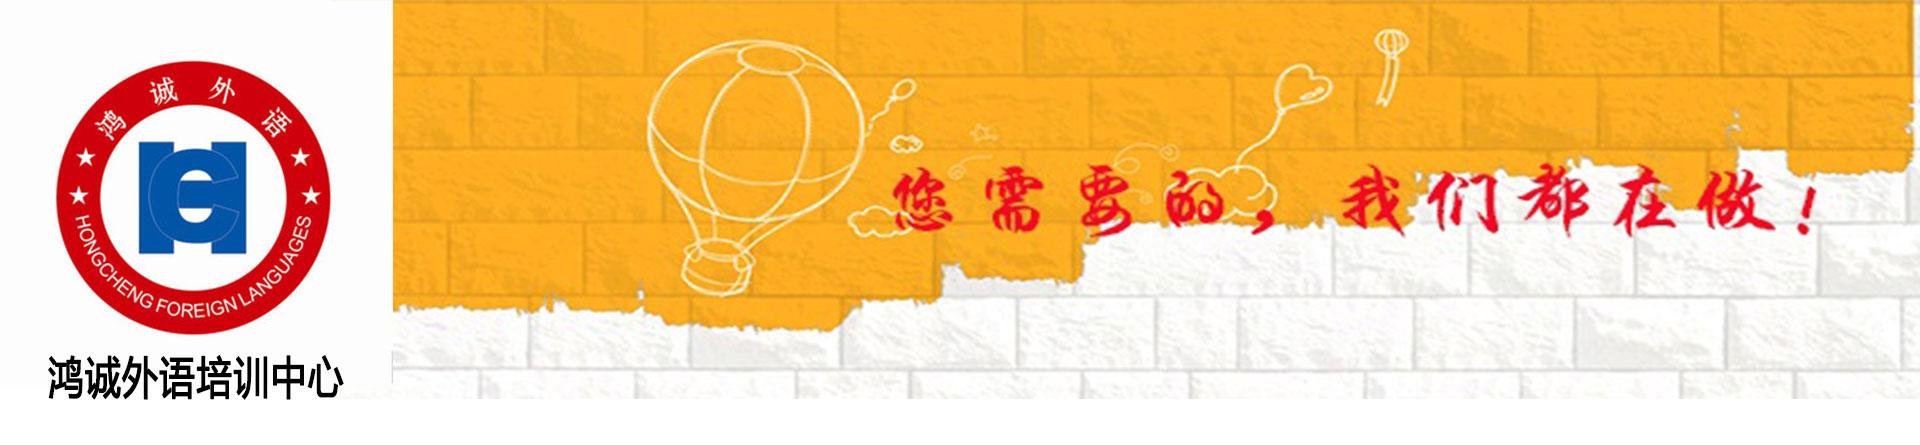 郑州鸿诚外语